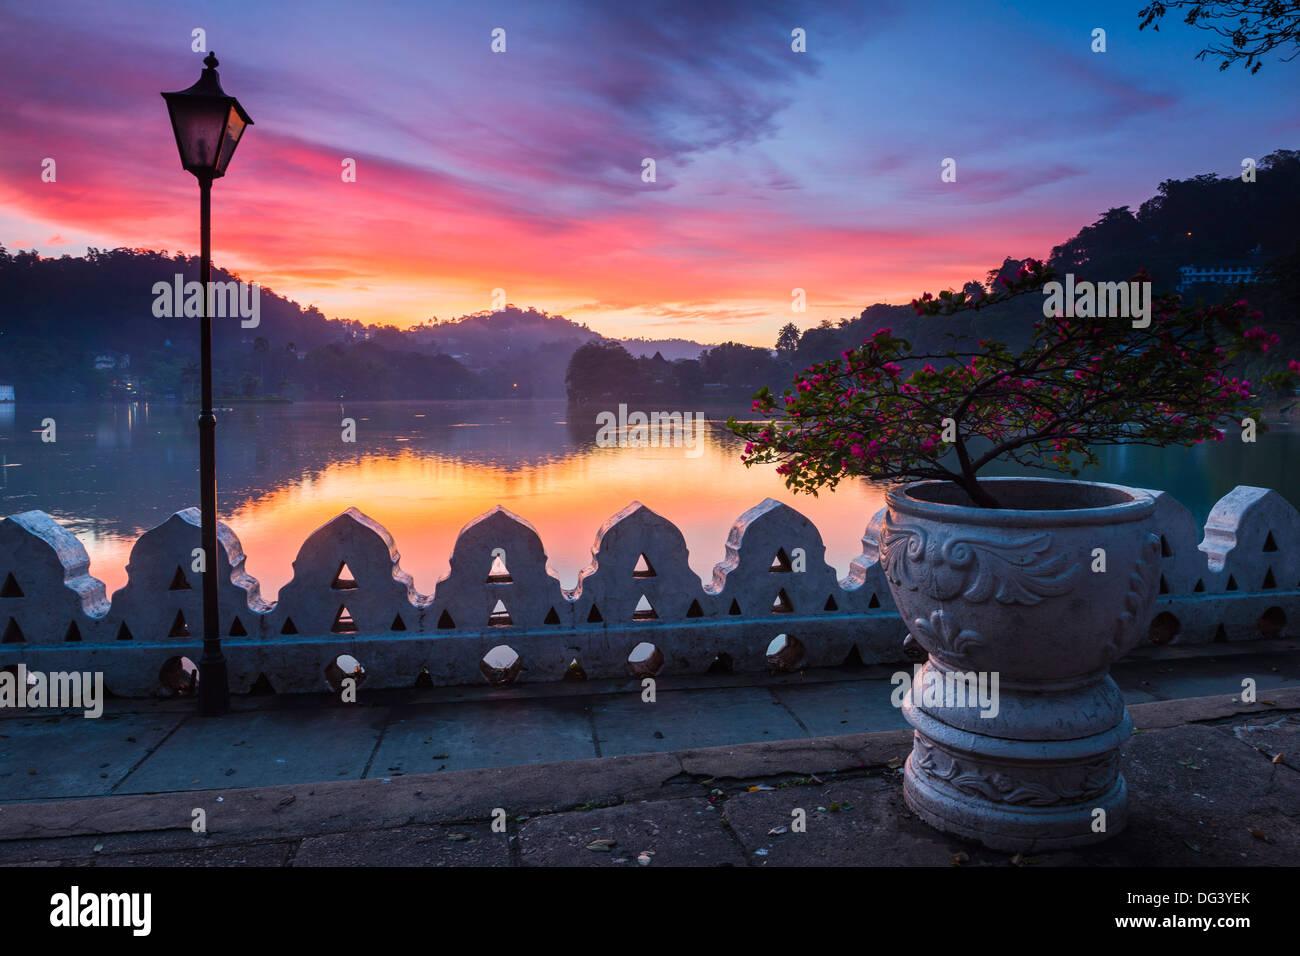 Dramatische Sonnenaufgang um Kandy Lake und die Wolken Mauer (Walakulu), Kandy, Central Province, Sri Lanka, Asien Stockbild